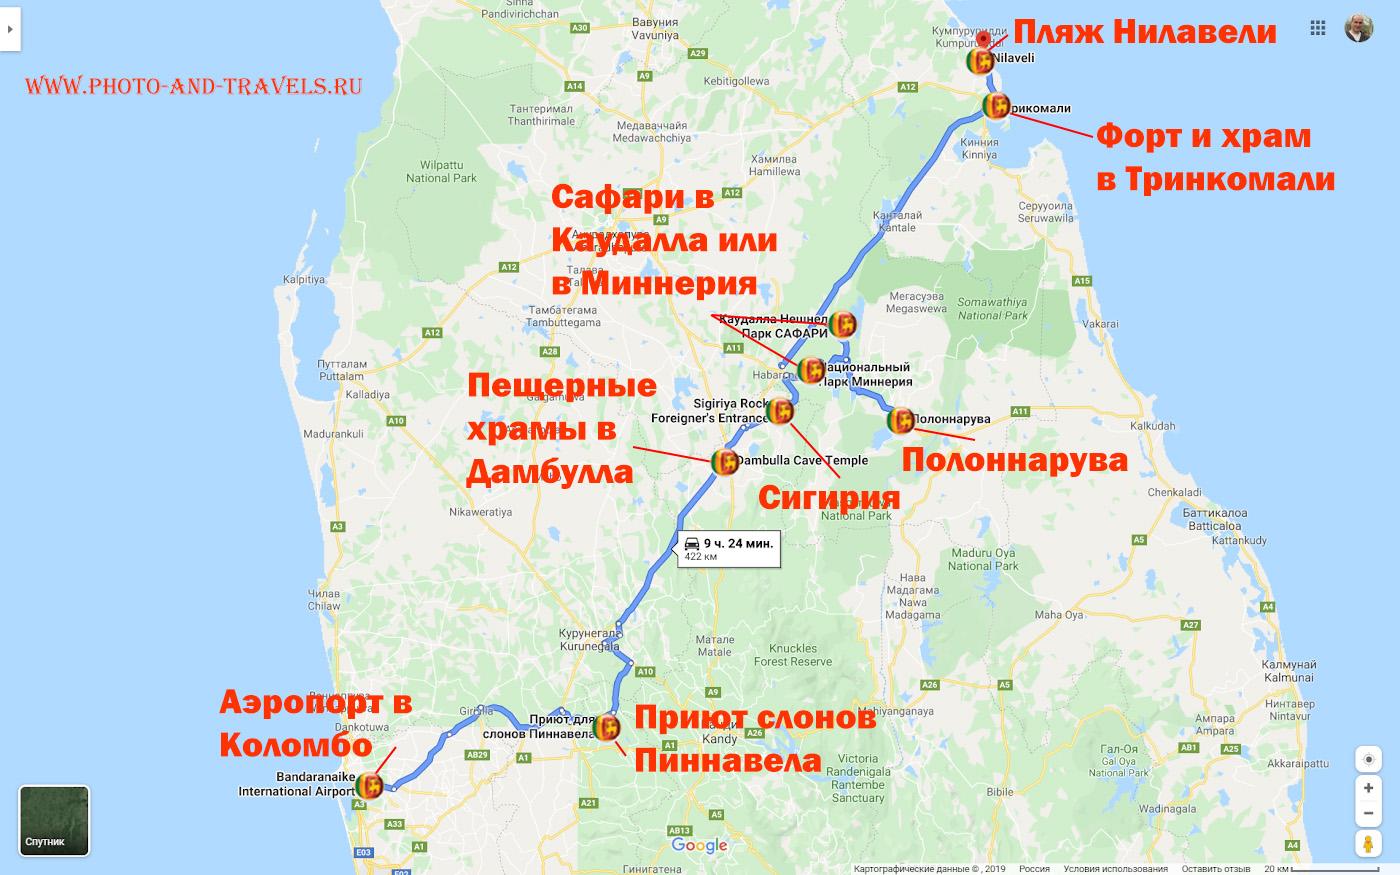 Фото 18. Что посмотреть по пути в Сигирию из Коломбо. Карта со схемой расположения достопримечательностей.